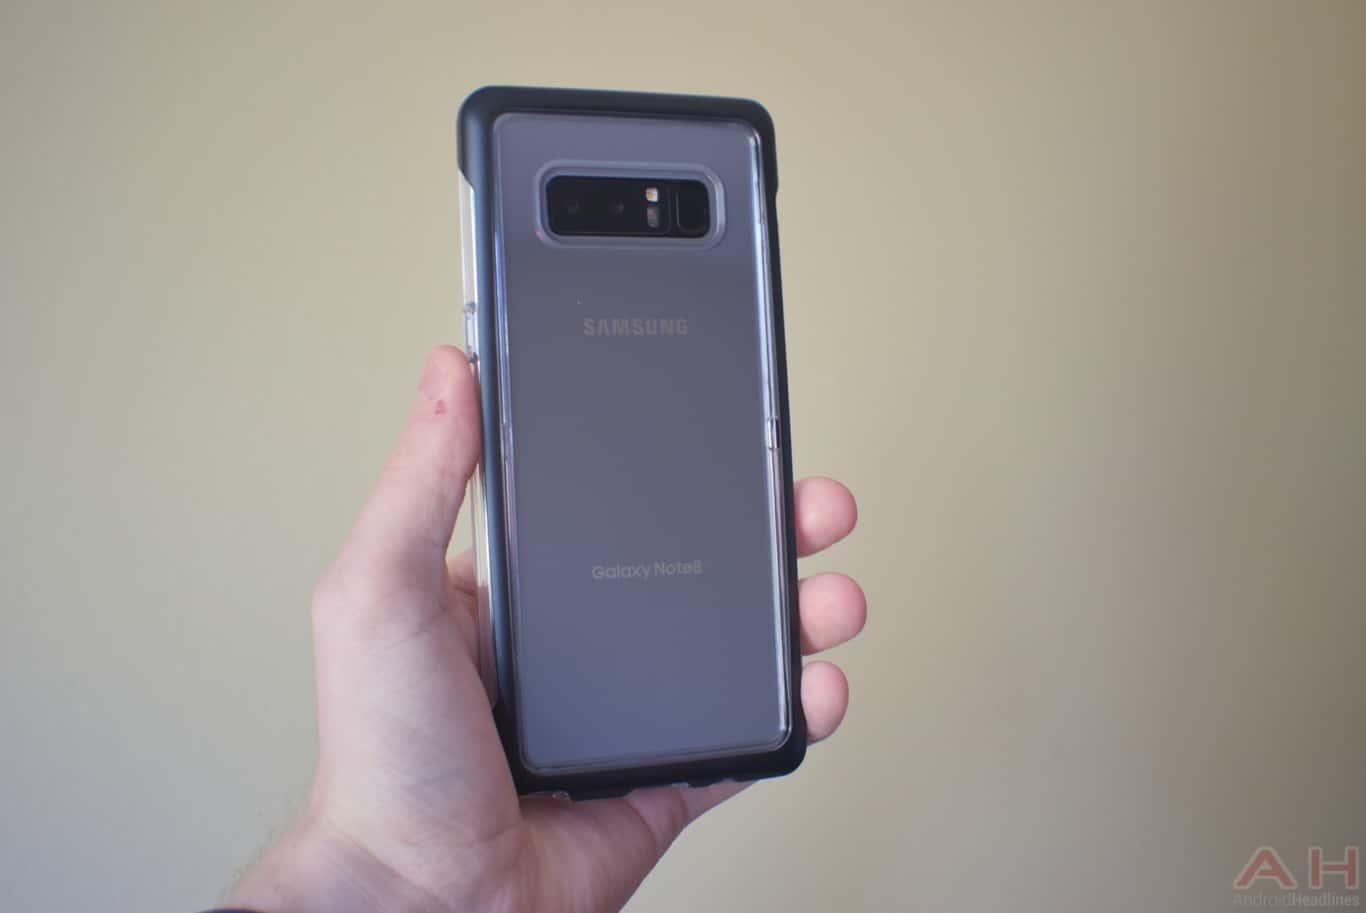 Caseology Skyfall Galaxy Note 8 AM AH 0098